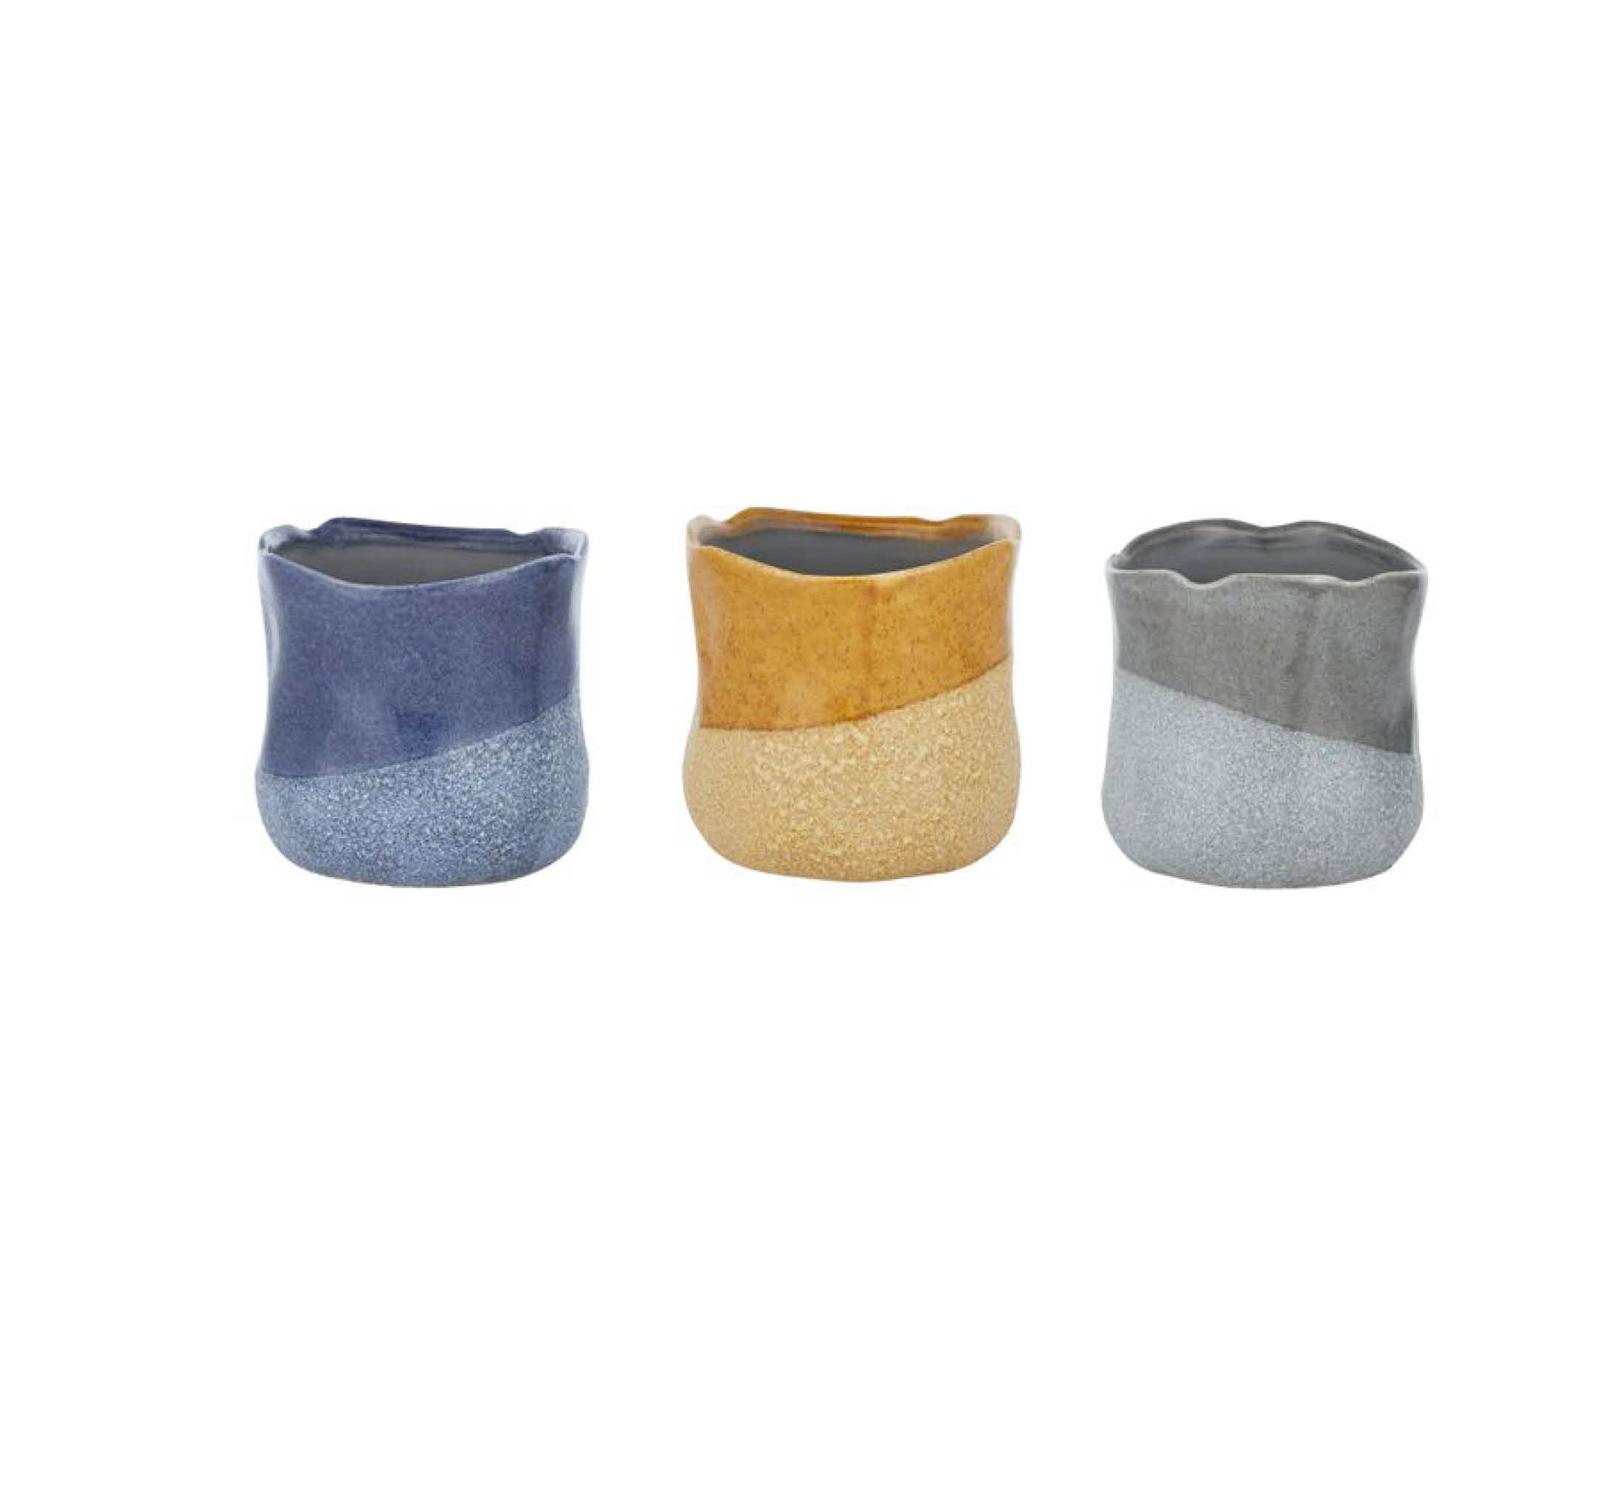 'Bacerra' pots